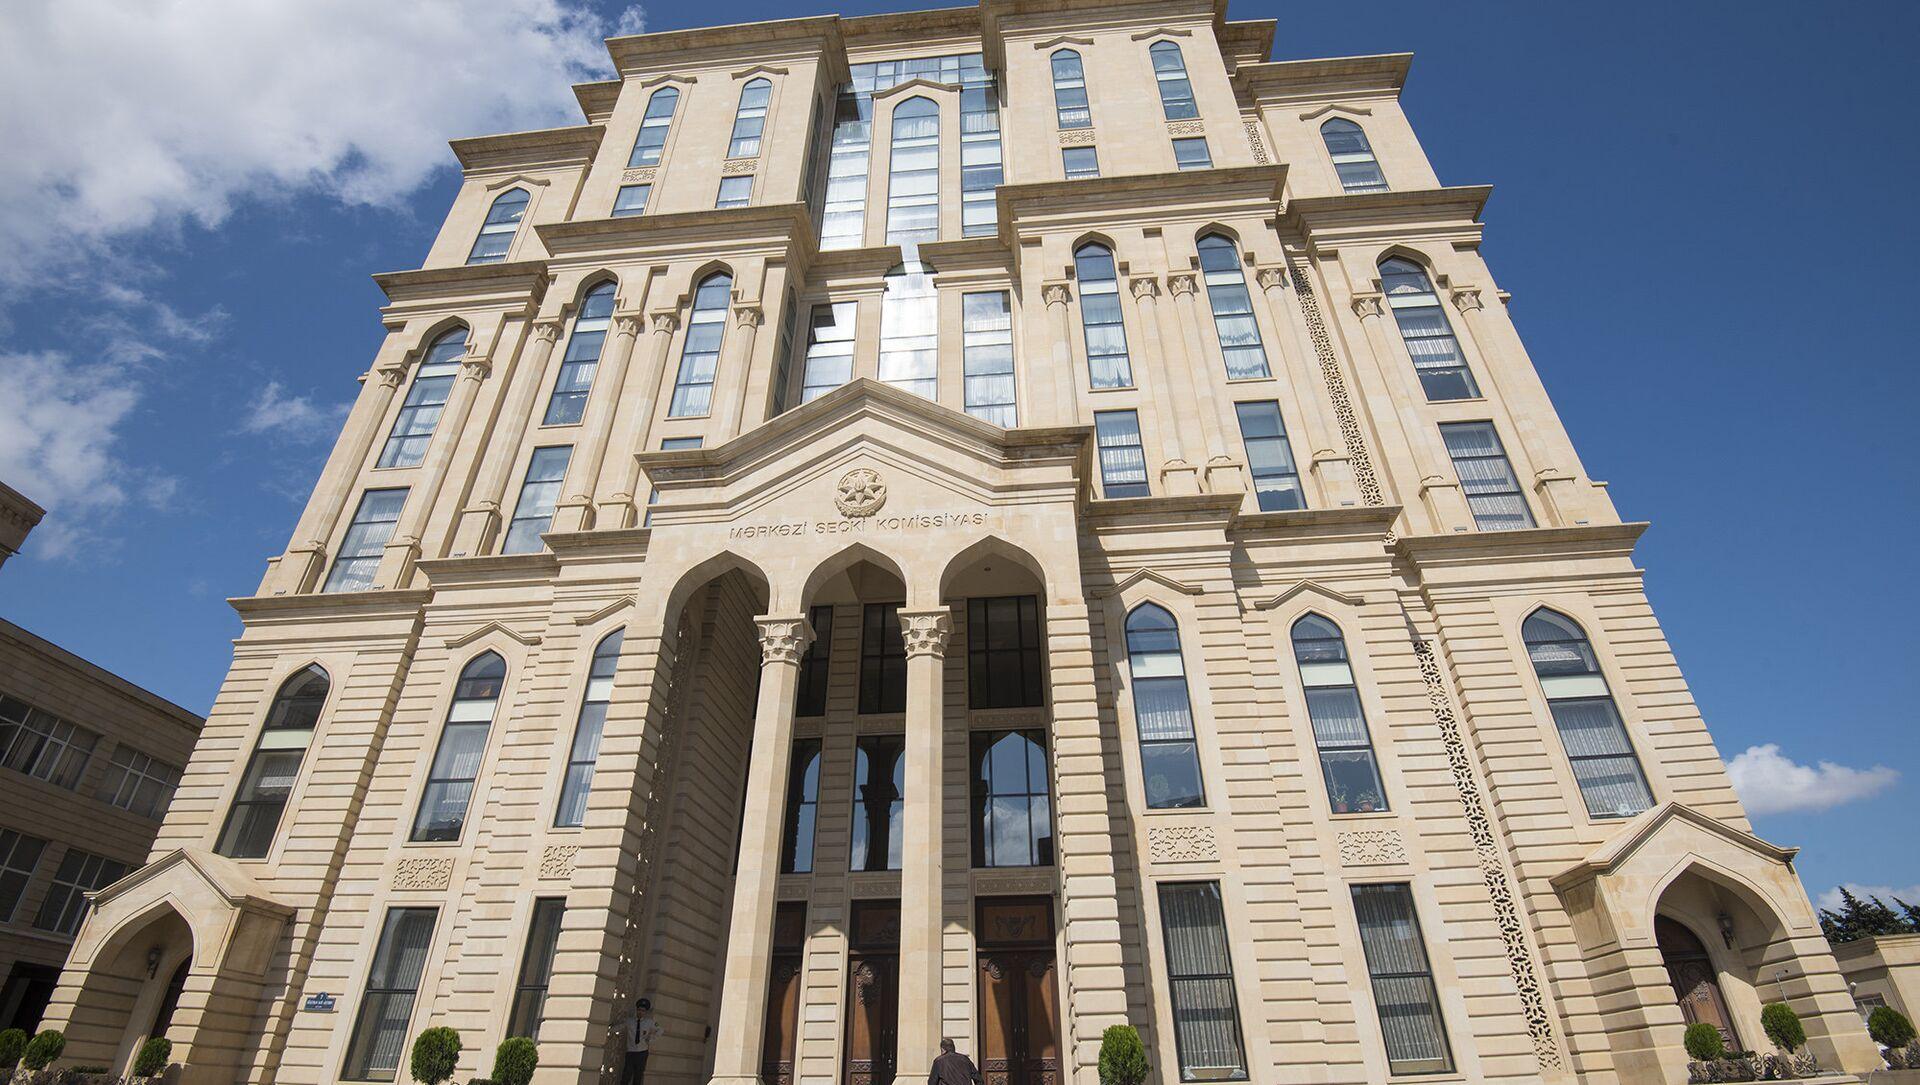 Здание Центральной избирательной комиссии Азербайджана  - Sputnik Азербайджан, 1920, 03.09.2021